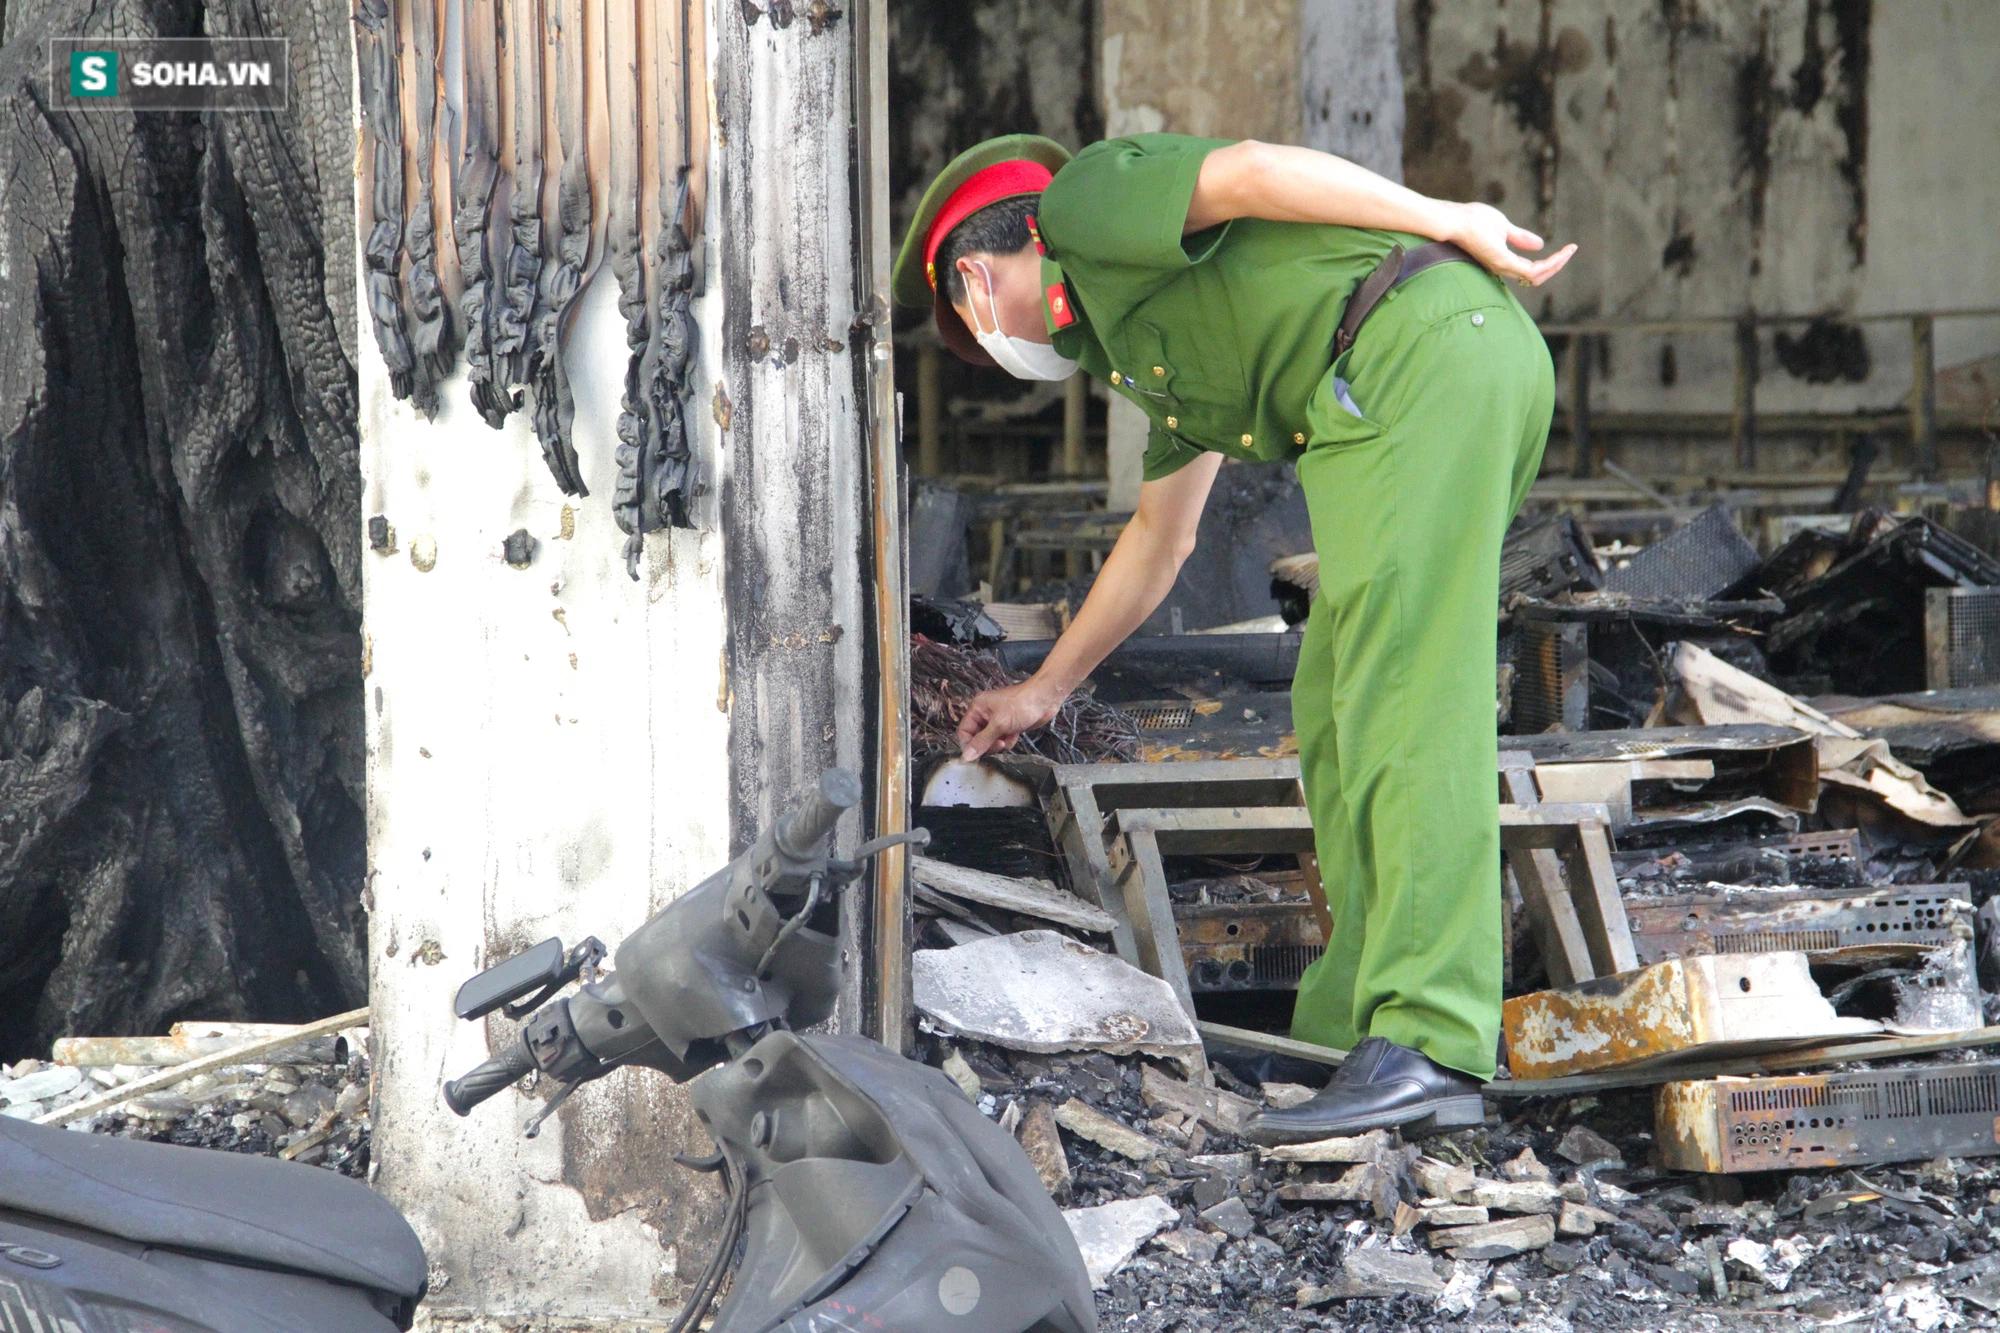 Cận cảnh hiện trường bên trong phòng trà bị cháy khiến 6 người tử vong ở Nghệ An - Ảnh 9.